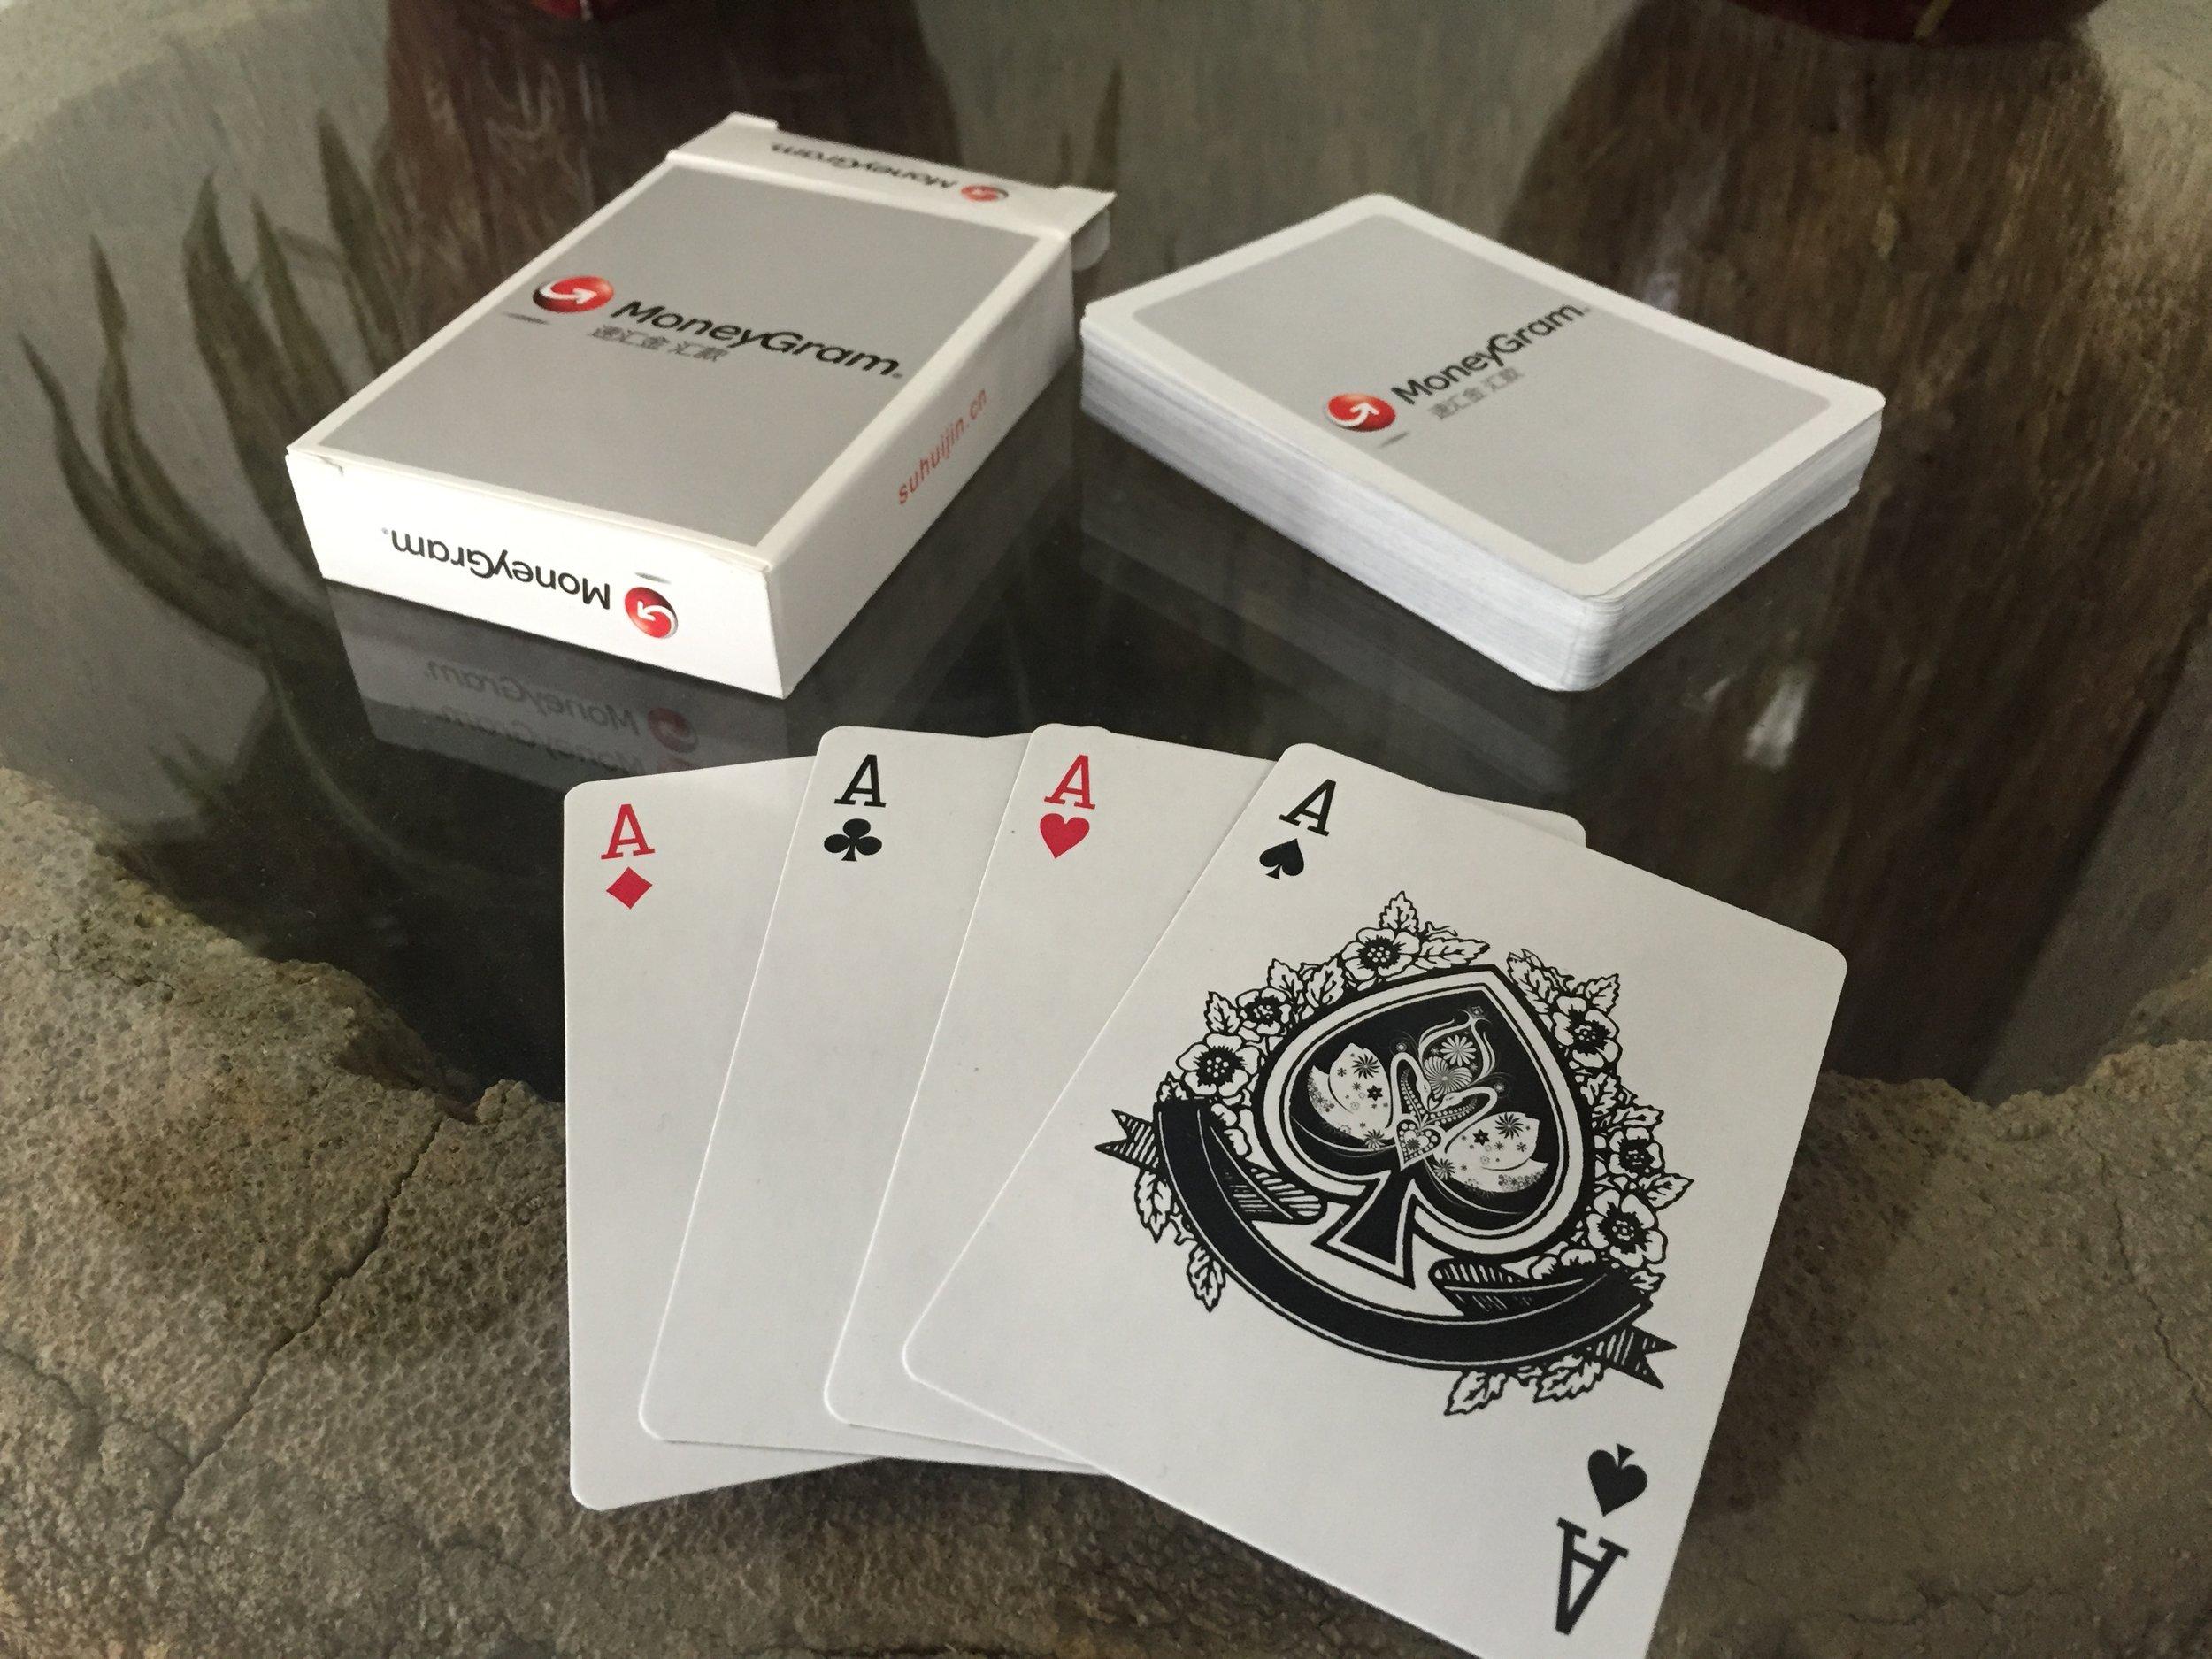 Promo-Monkeys_Cards.JPG